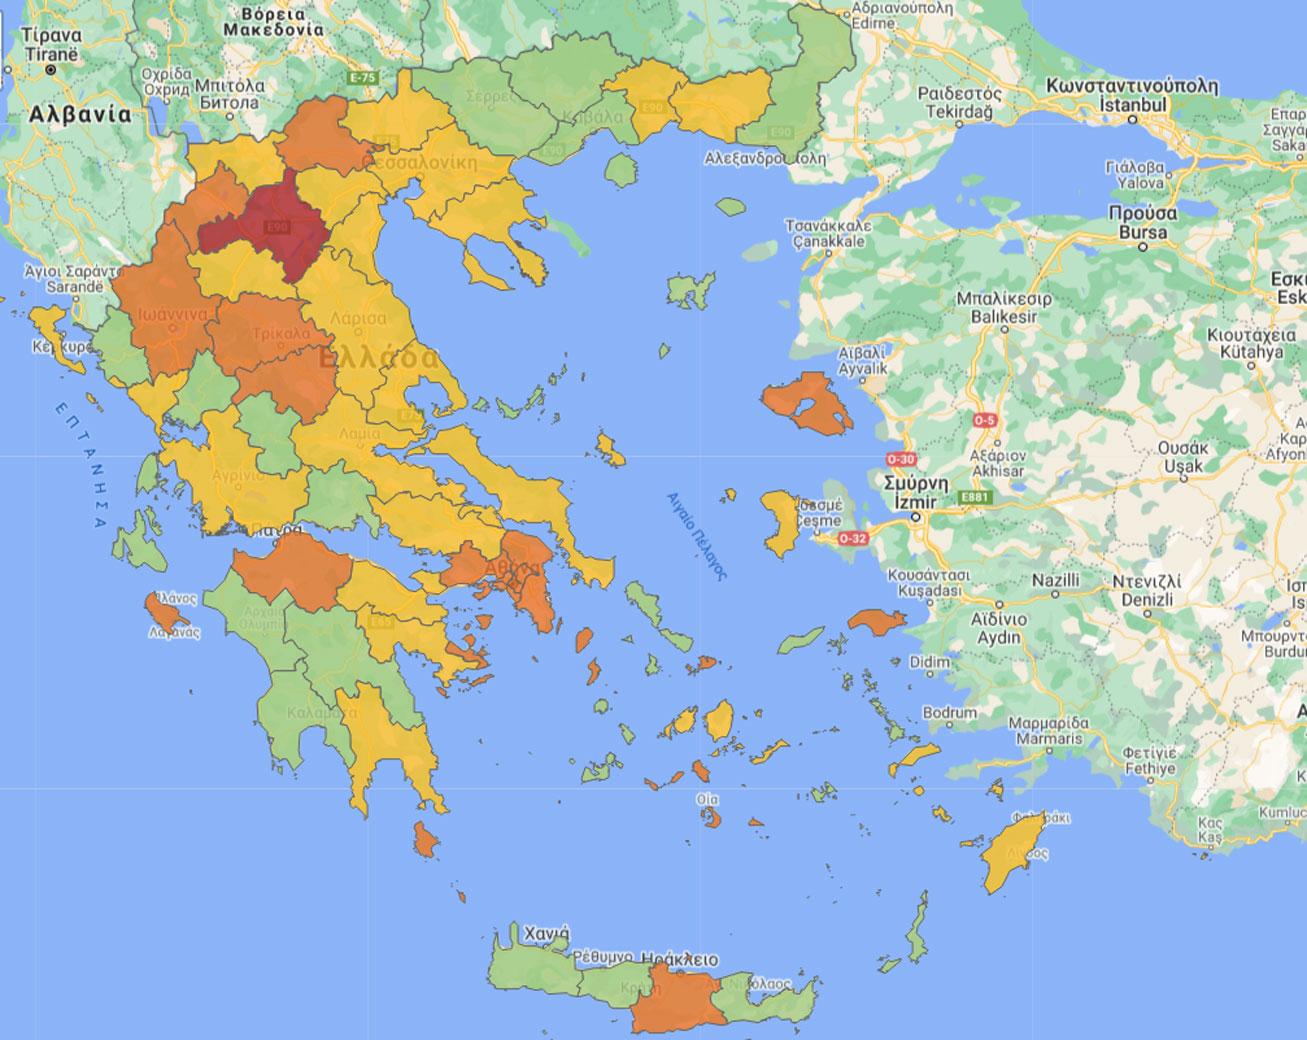 κορονοϊός χάρτης Ελλάδας